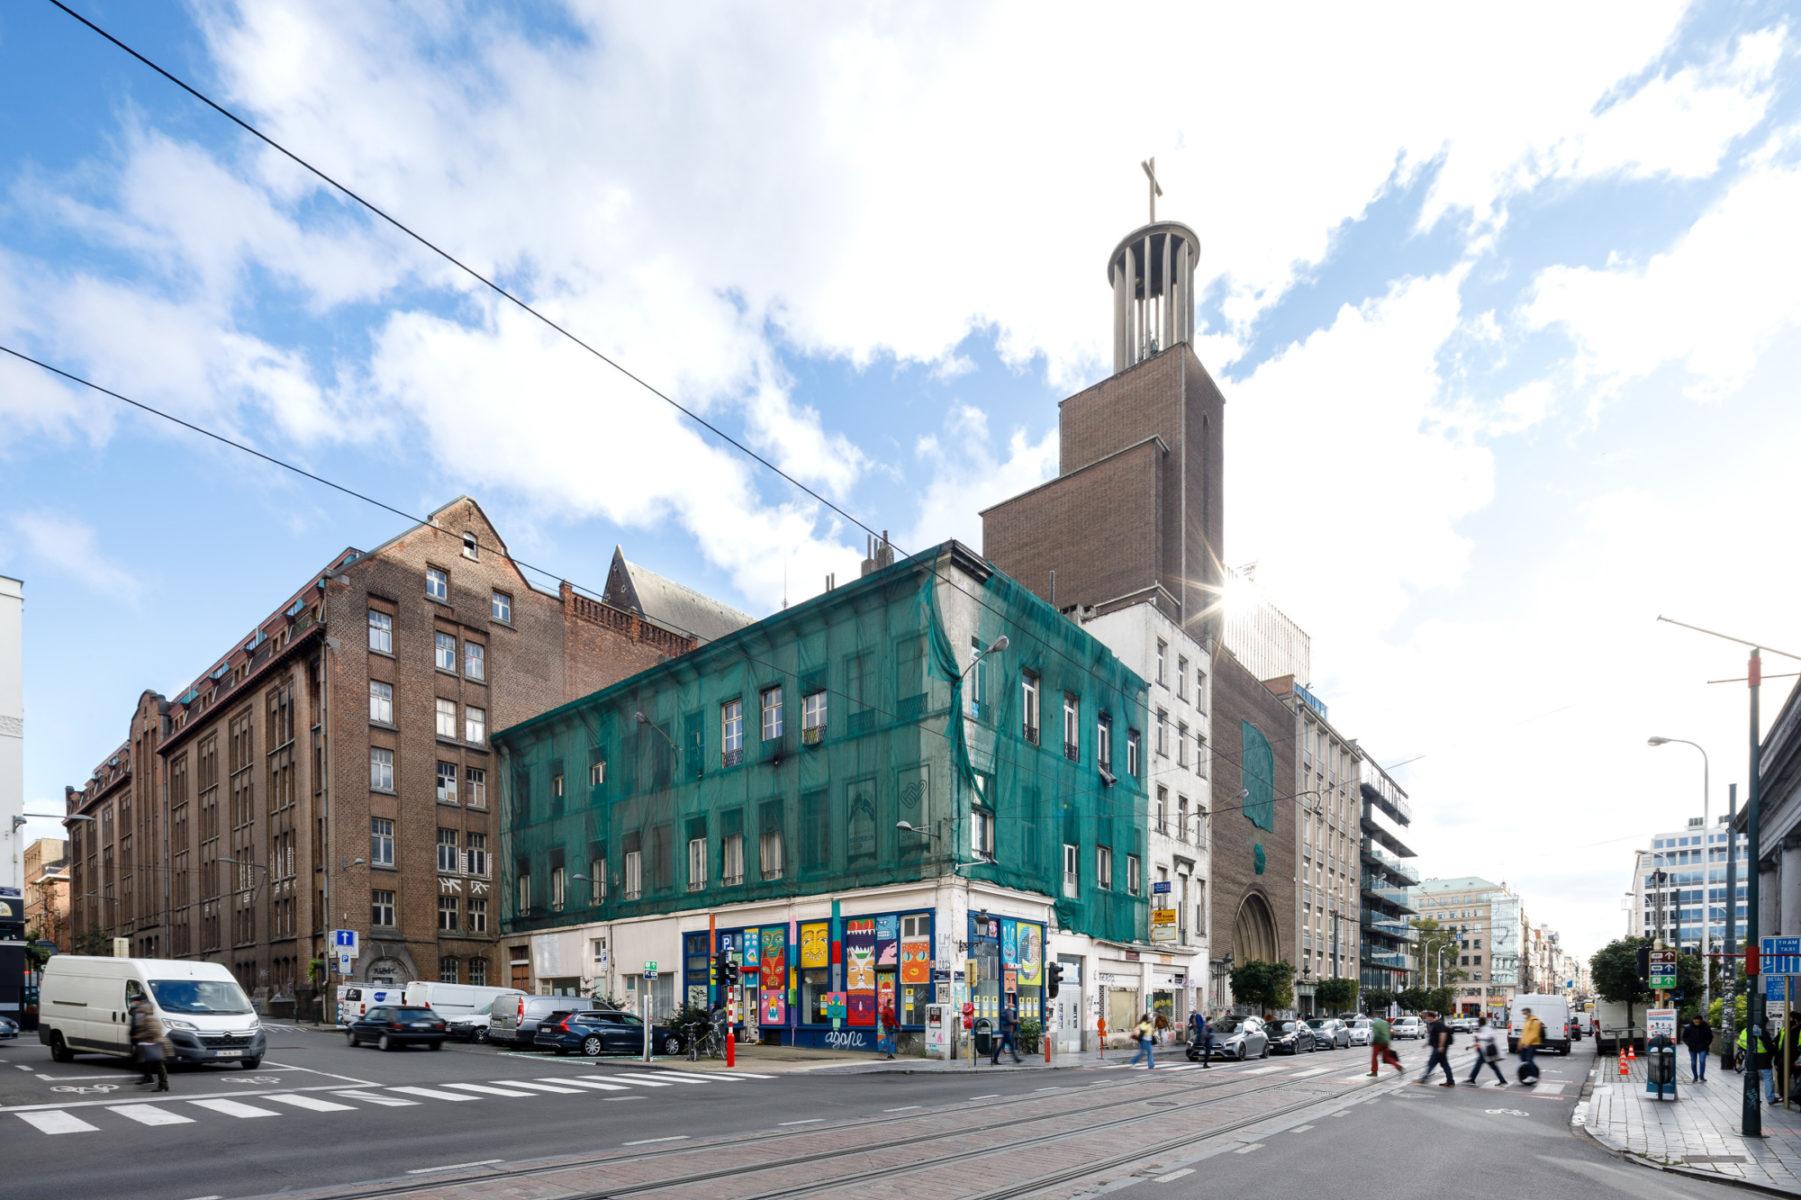 Existing building © Nathalie Van Eygen